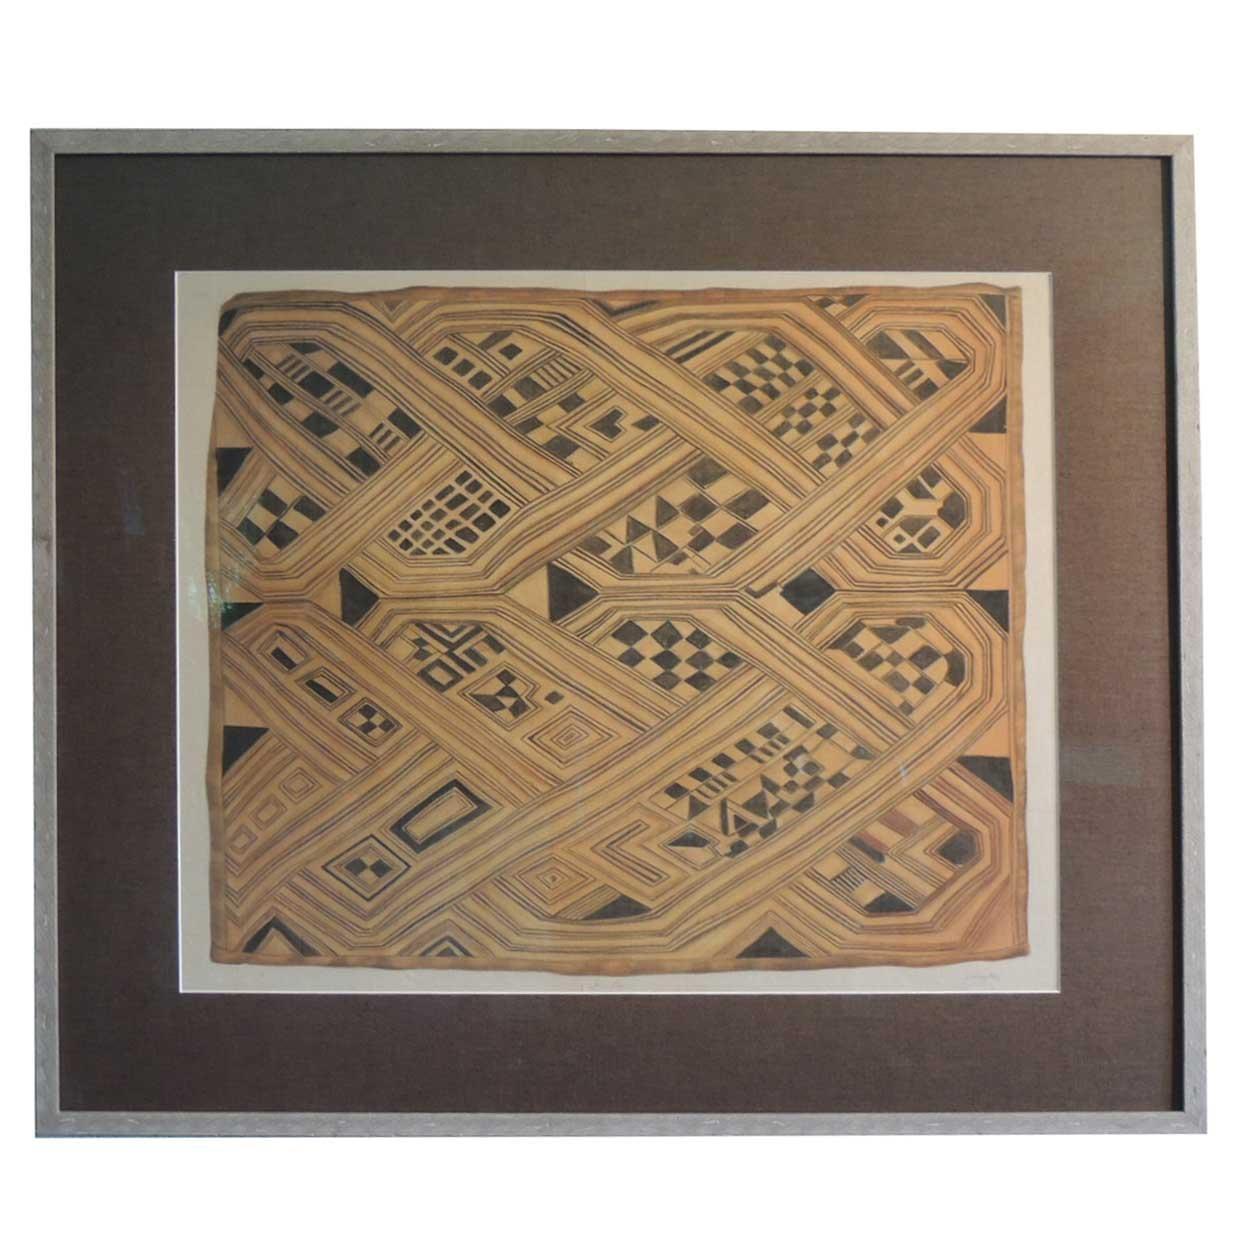 Framed Hand-Painted African Kuba Velvet Textile Framed Art